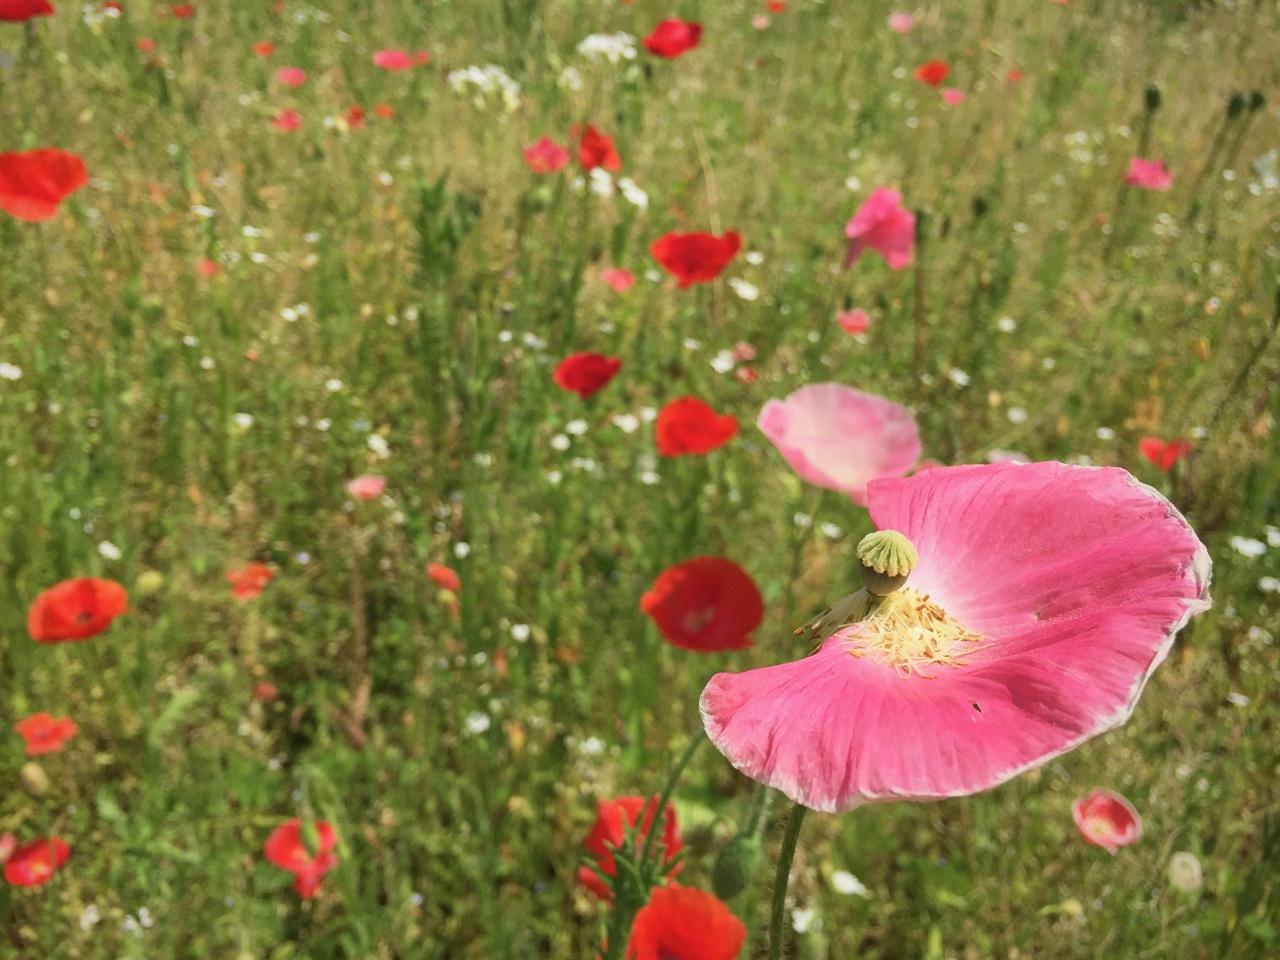 """양귀비밭 관상용 양귀비의 정확한 이름은 '개양귀비'라고도 하고 """"우미인초'라고도 부른다. (중국 4대 미인 중에 한사람이었던 우미인이 죽고 난 뒤 우미인의 무덤에 피어난 꽃이 바로 개양귀비이고 이 꽃의 이름을 따서 '우미인초'라고 부른다. 구글 검색)"""